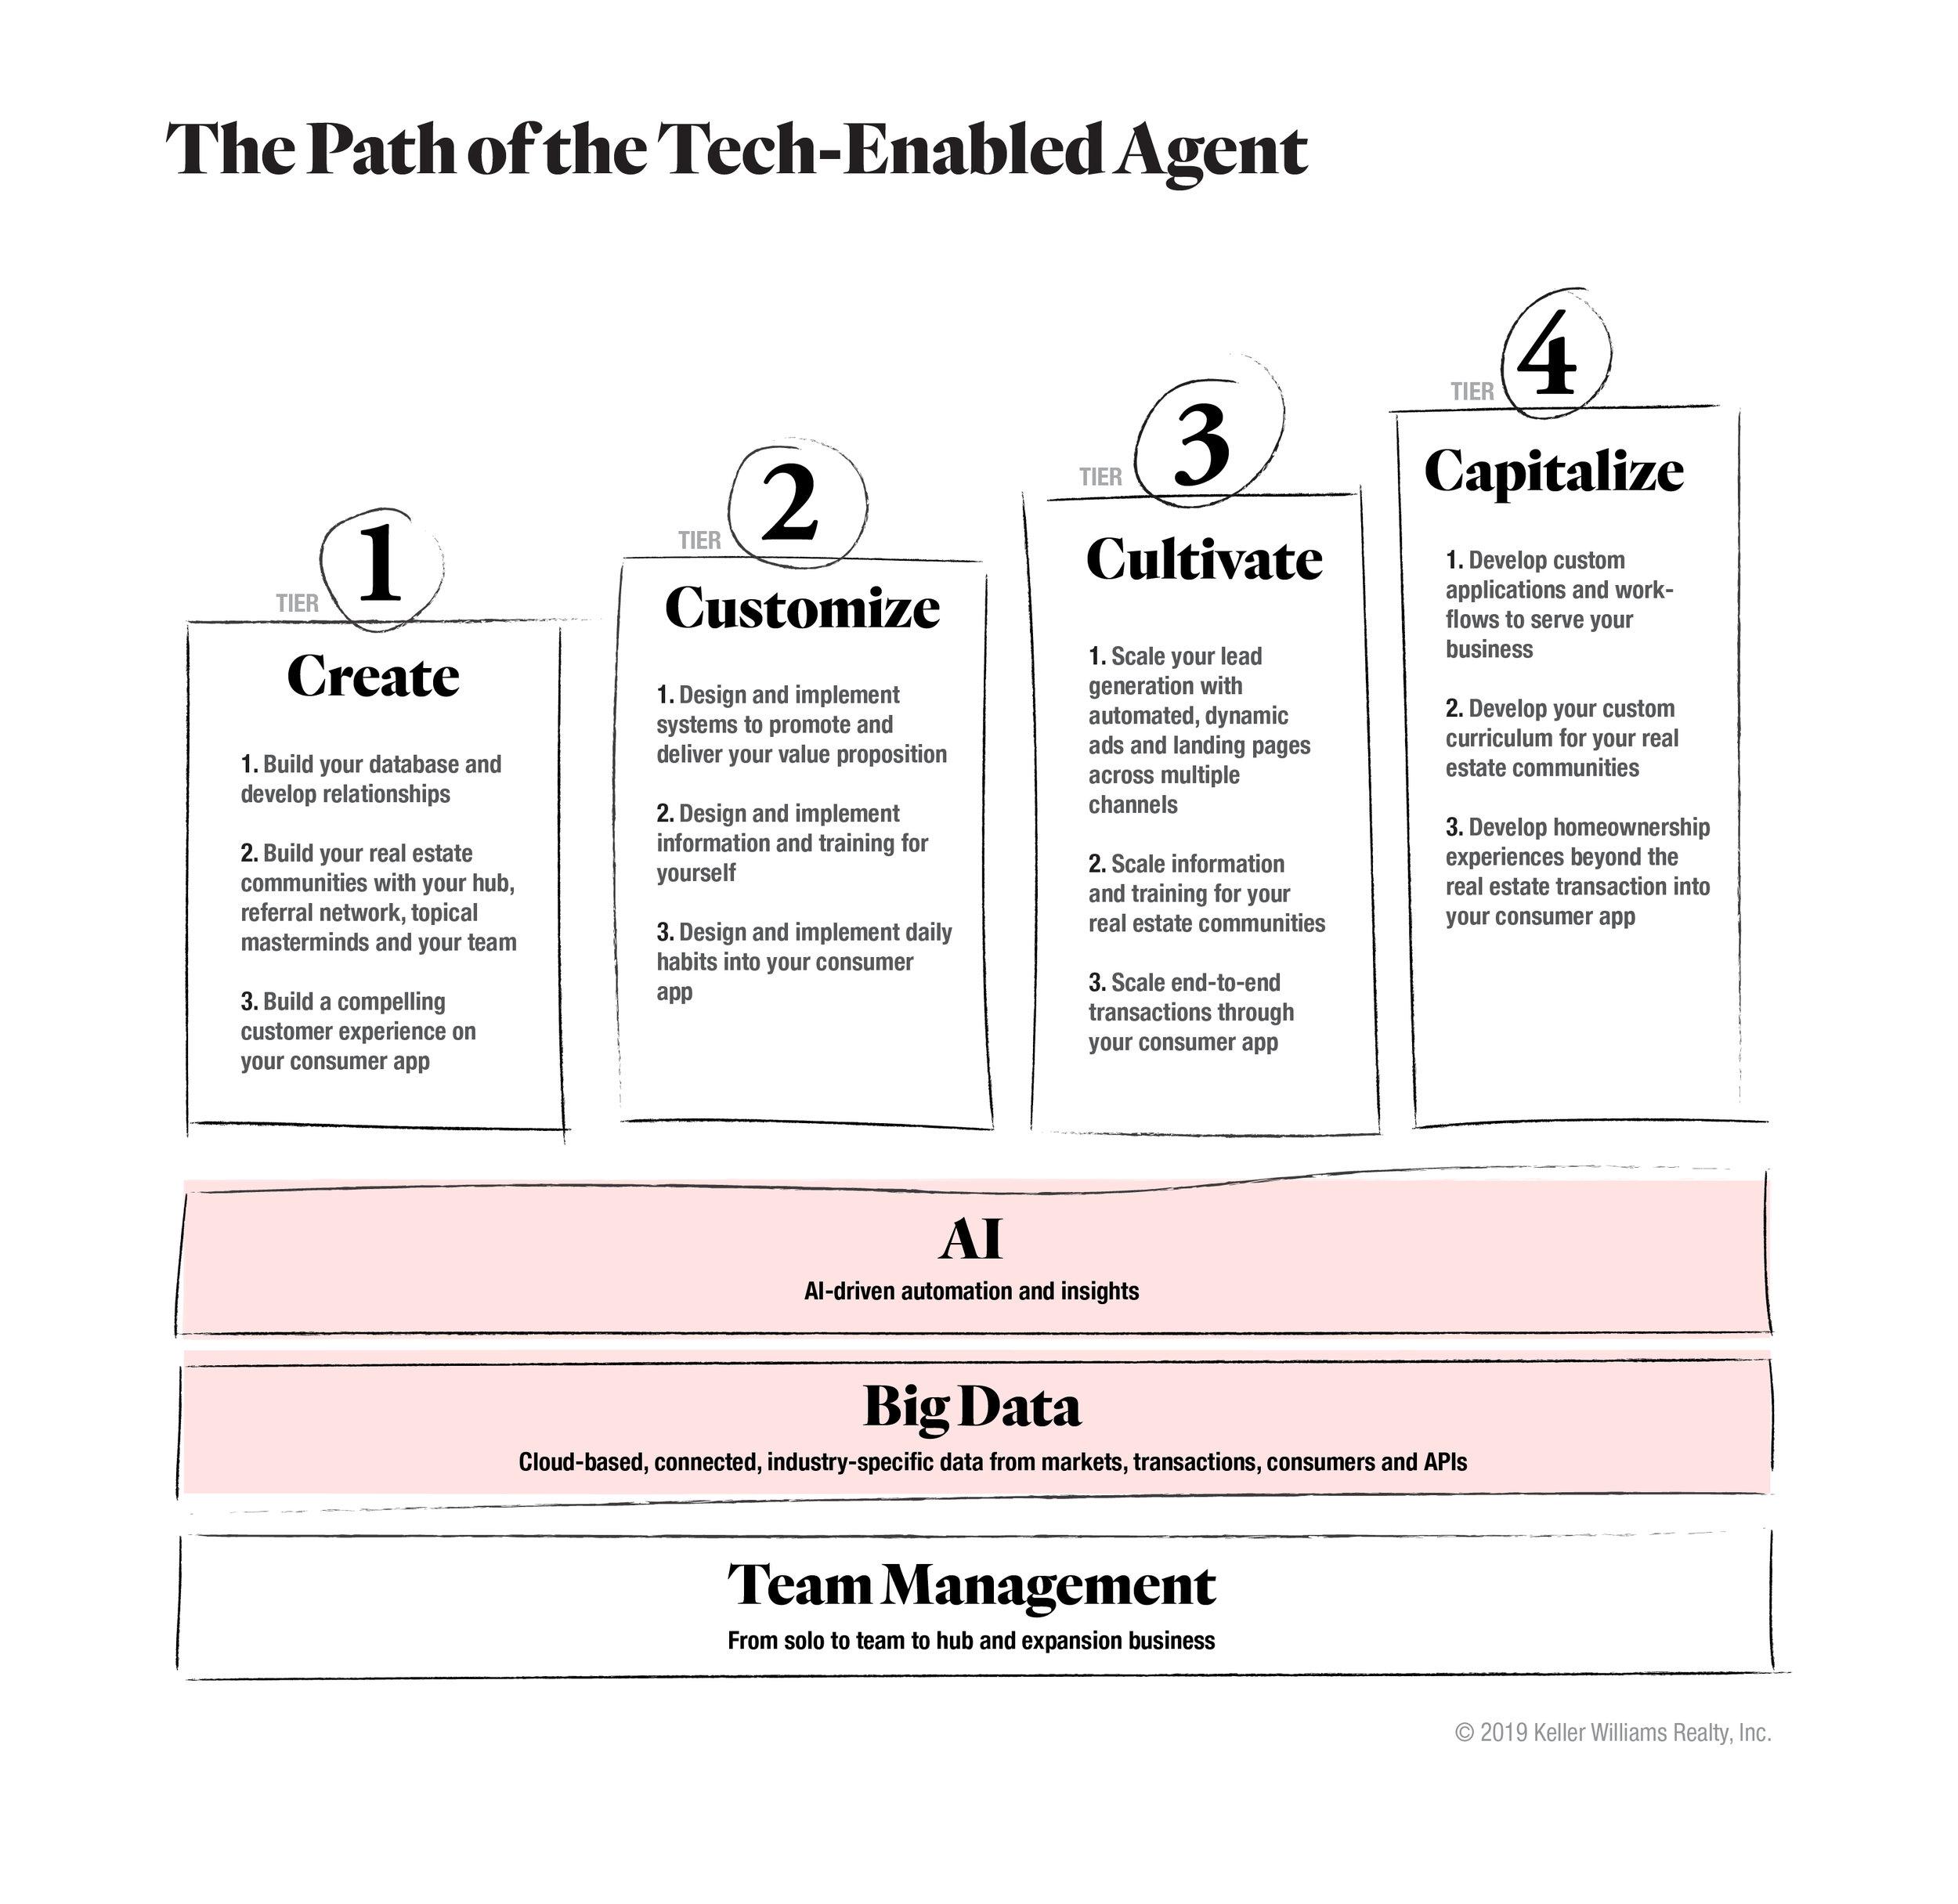 TechEnabledAgent_Model-7.jpg